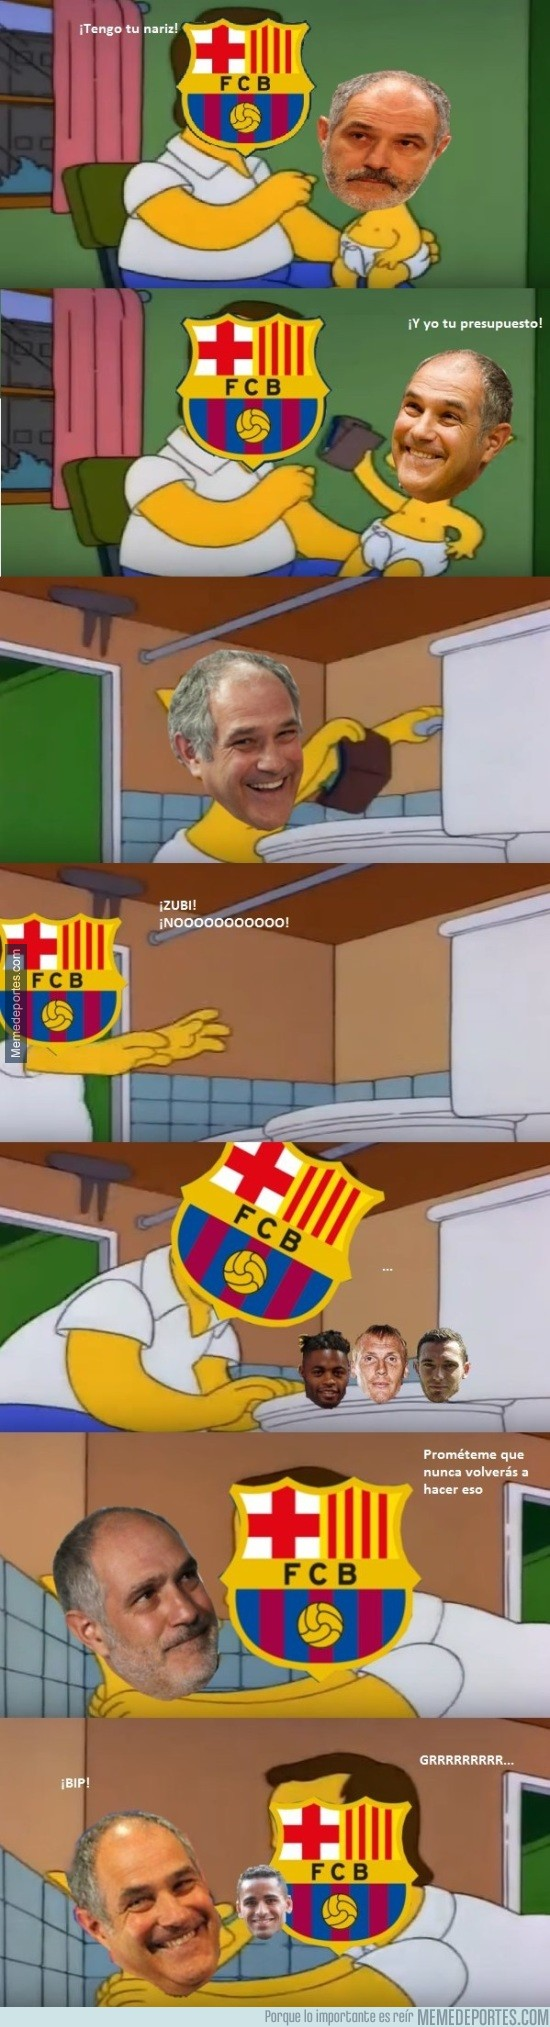 939557 - Nostalgia: como eran antes los mercados de fichajes para el Barça